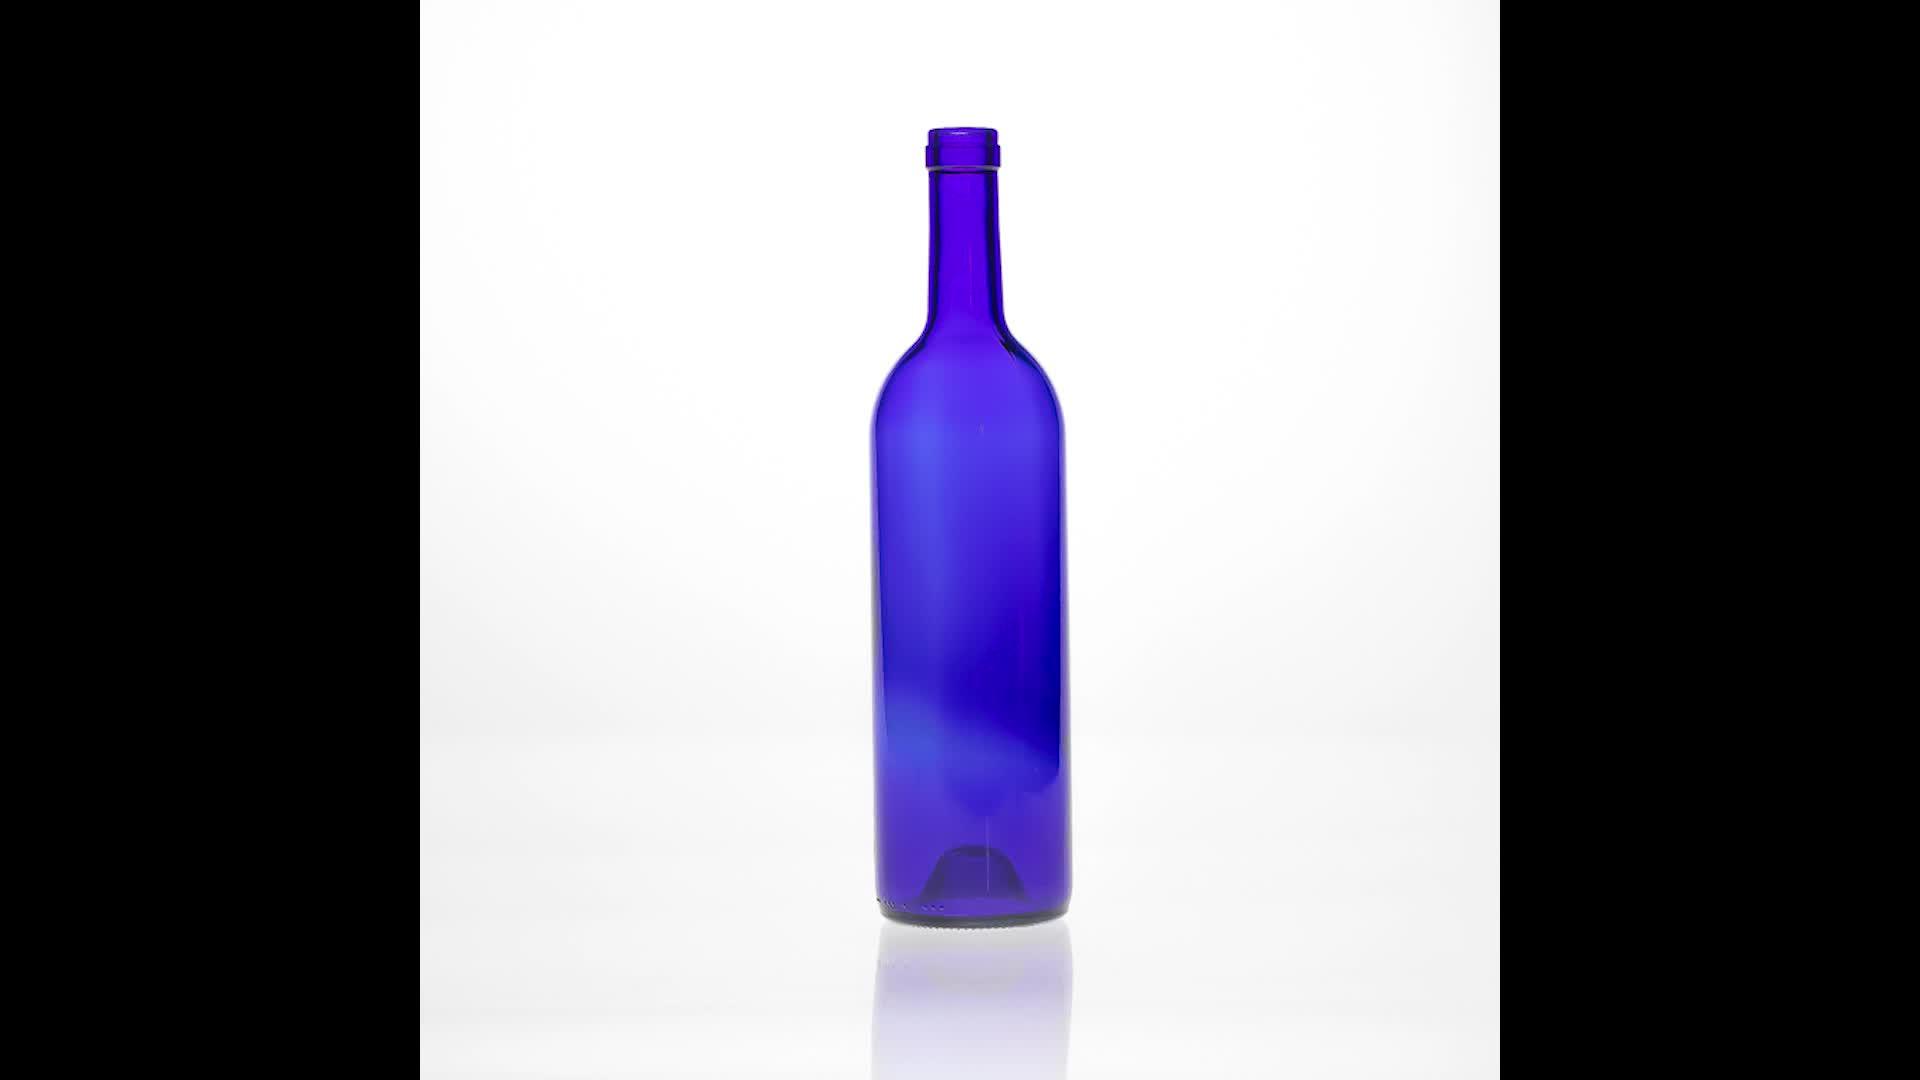 750 ml toptan yuvarlak şekil kobalt mavi cam şarap şişesi mantar ile votka için